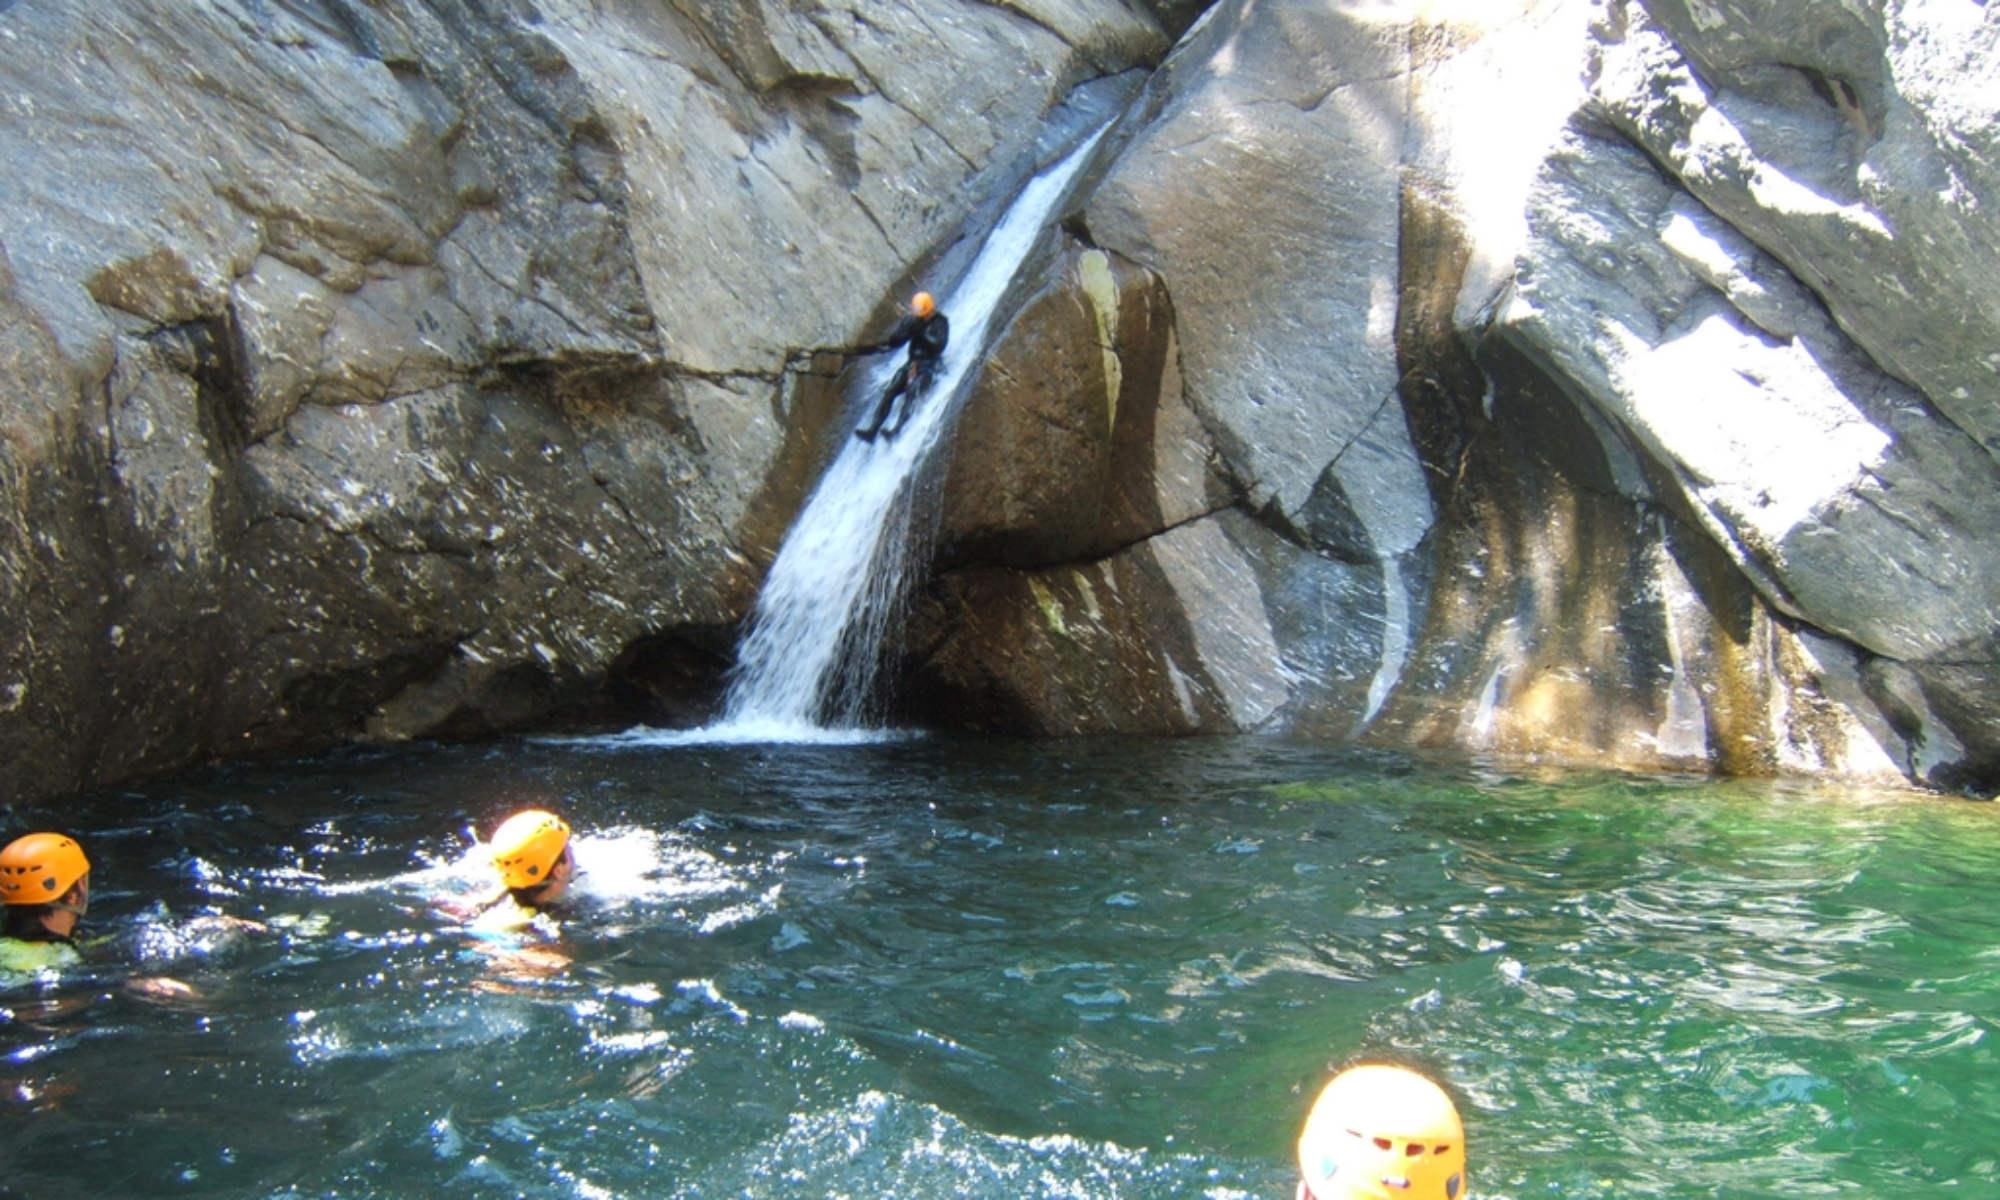 Teilnehmer ein Canyoning Tour auf einer natürlichen Wasserrutsche und in einem Wasserbecken in der Schlucht Chalamy in Italien.